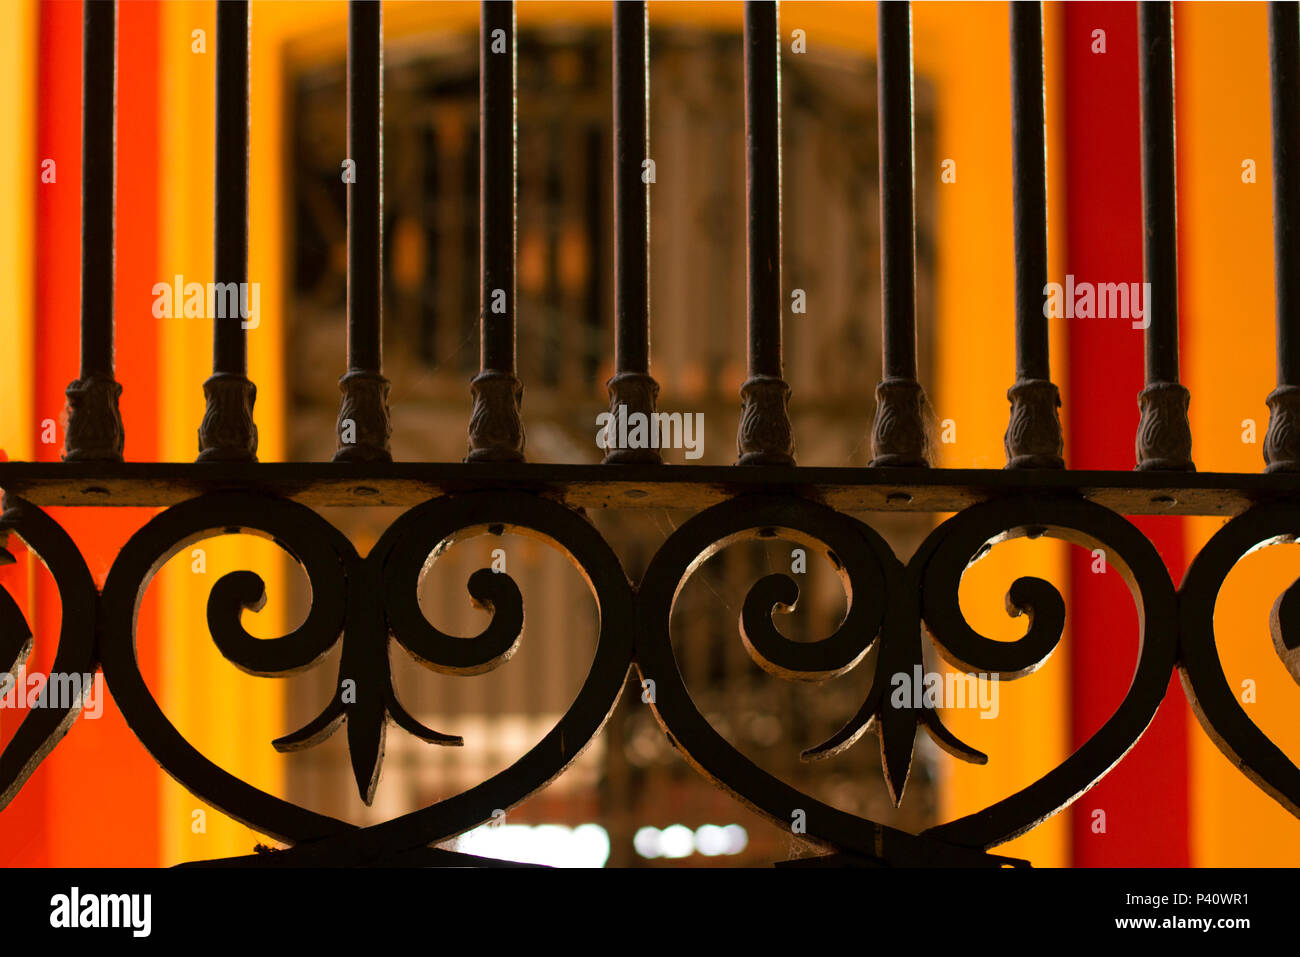 Manaus - AM Mercado Municipal Adopho Lisboa inaugurado em 1882 estilo Art Noveau período áureo da borracha Mercadão Tombado pelo Instituto do Patrimônio Histórico e Artístico Nacional – IPHAN empresa inglesa Manáos Markets Porto de Manaus Manaus Amazônia Amazonas Norte - Stock Image